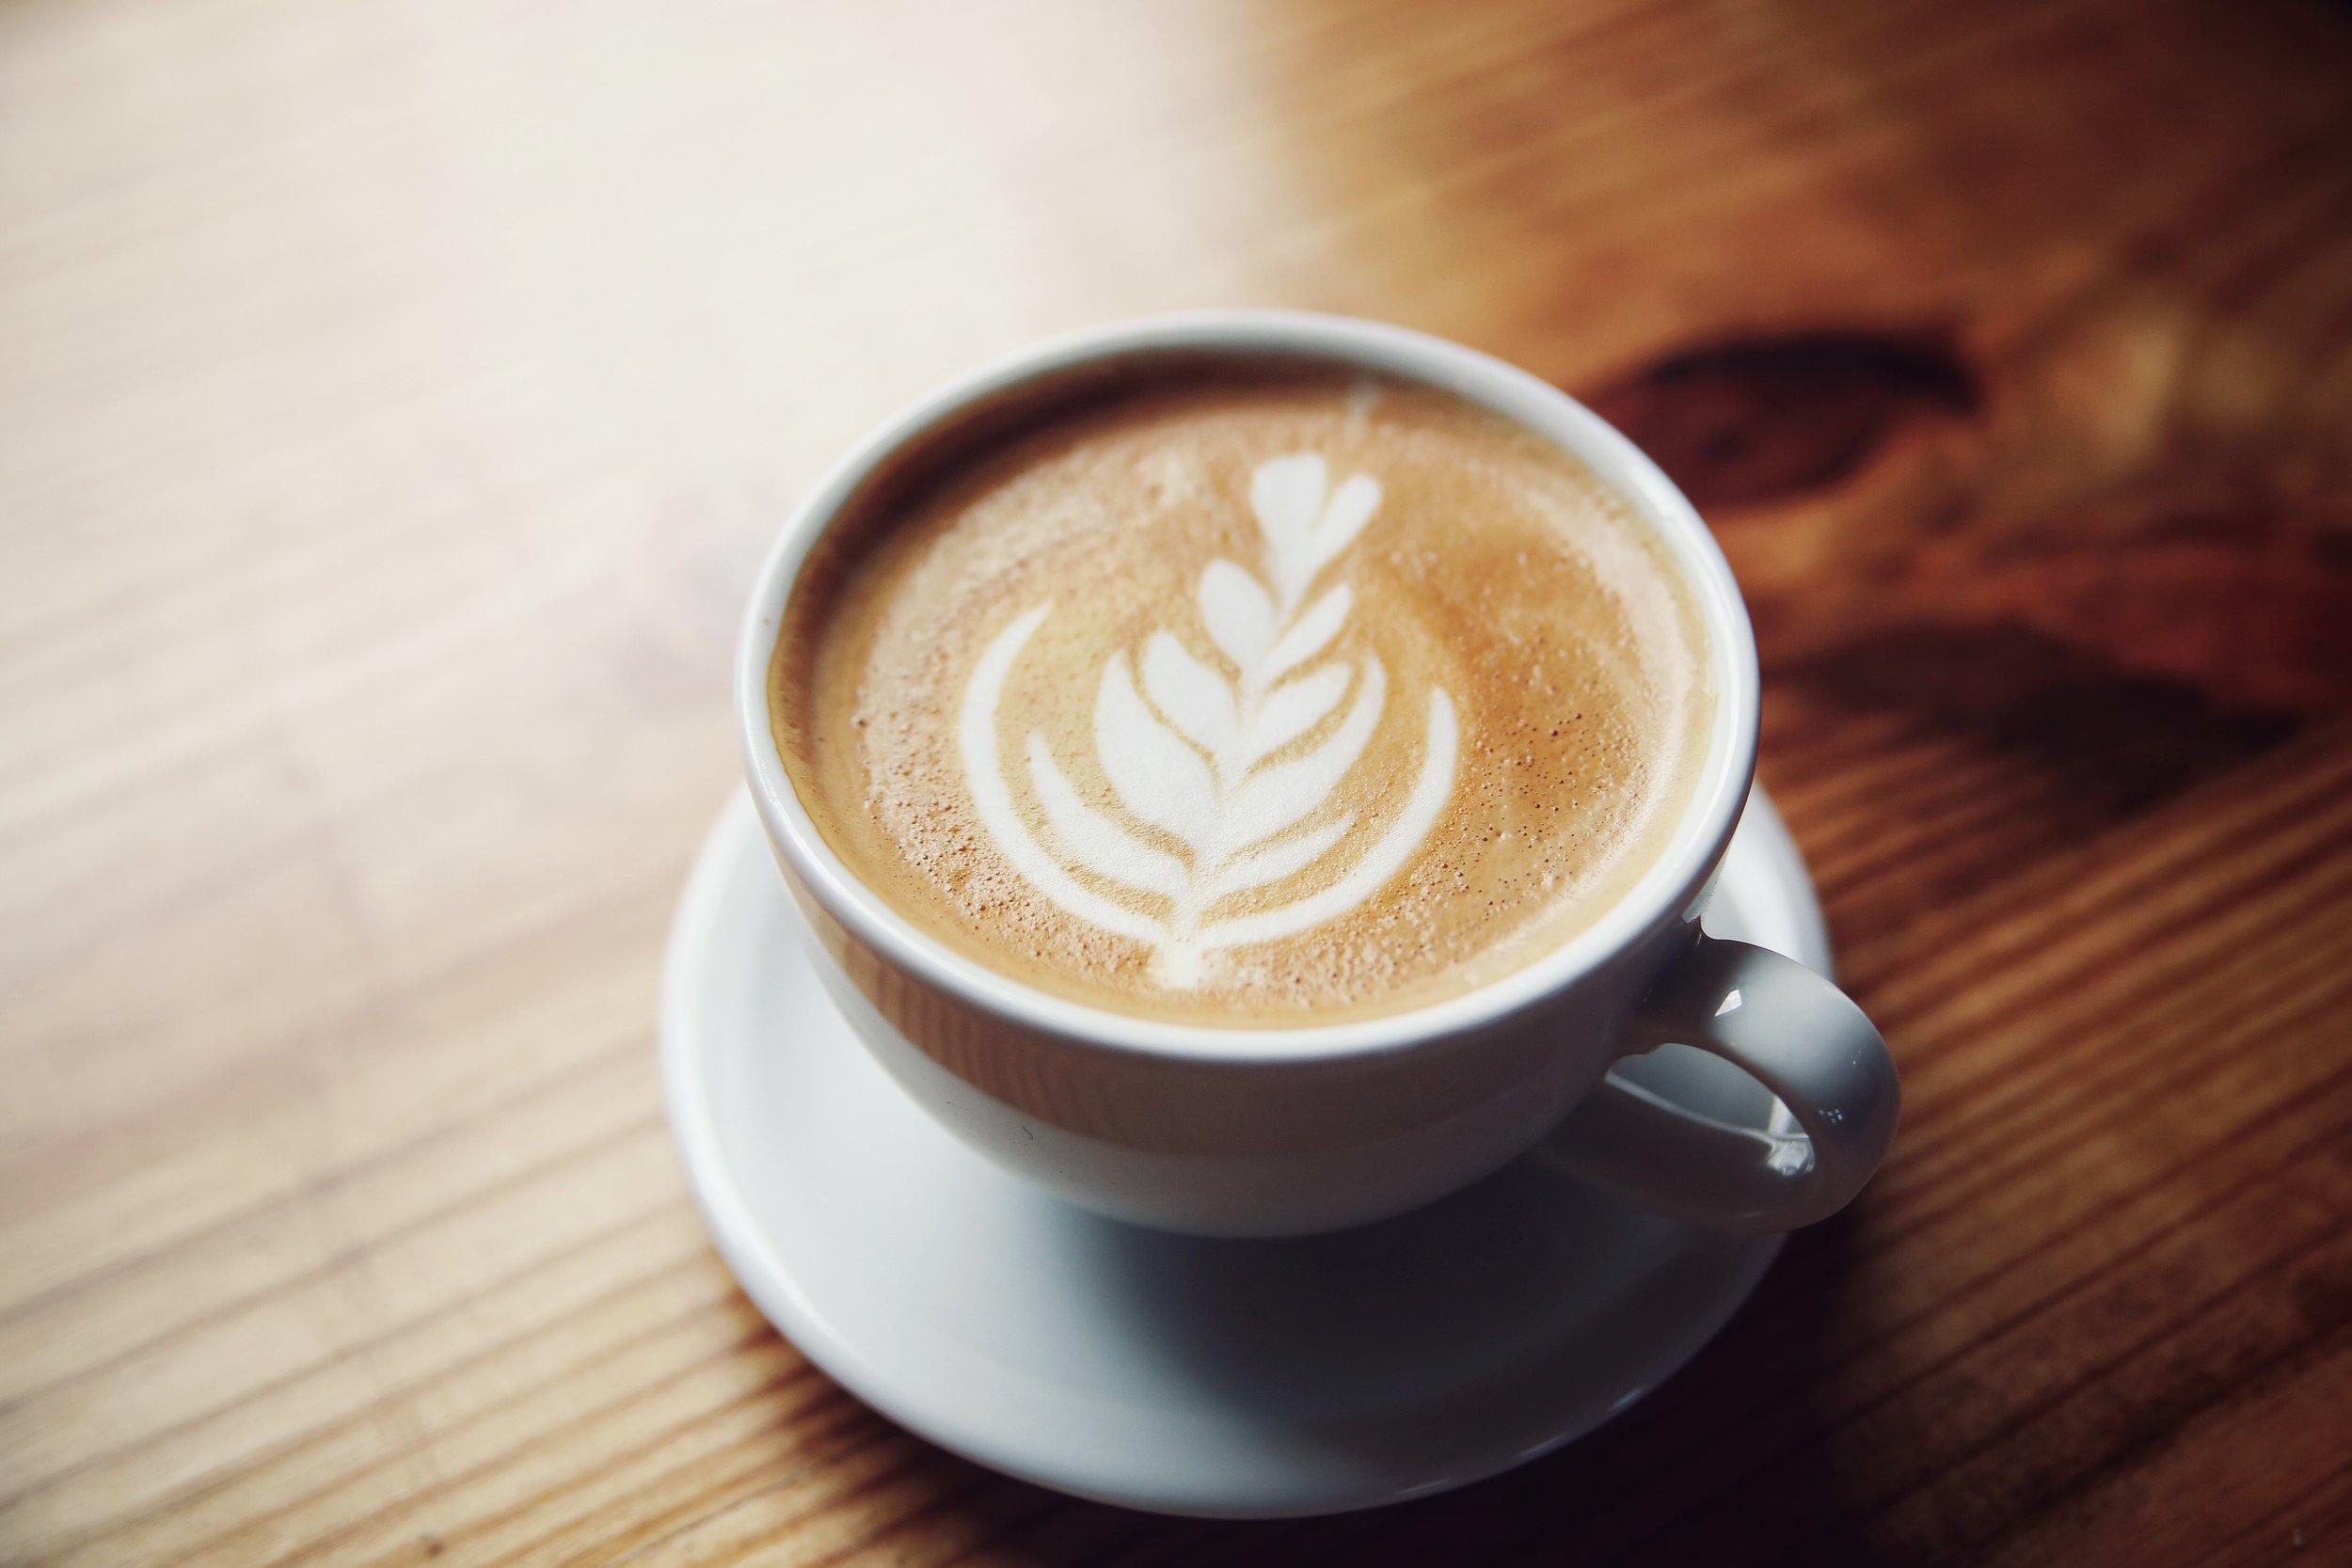 (Coffee Shop) - (Description of Coffee Shop)